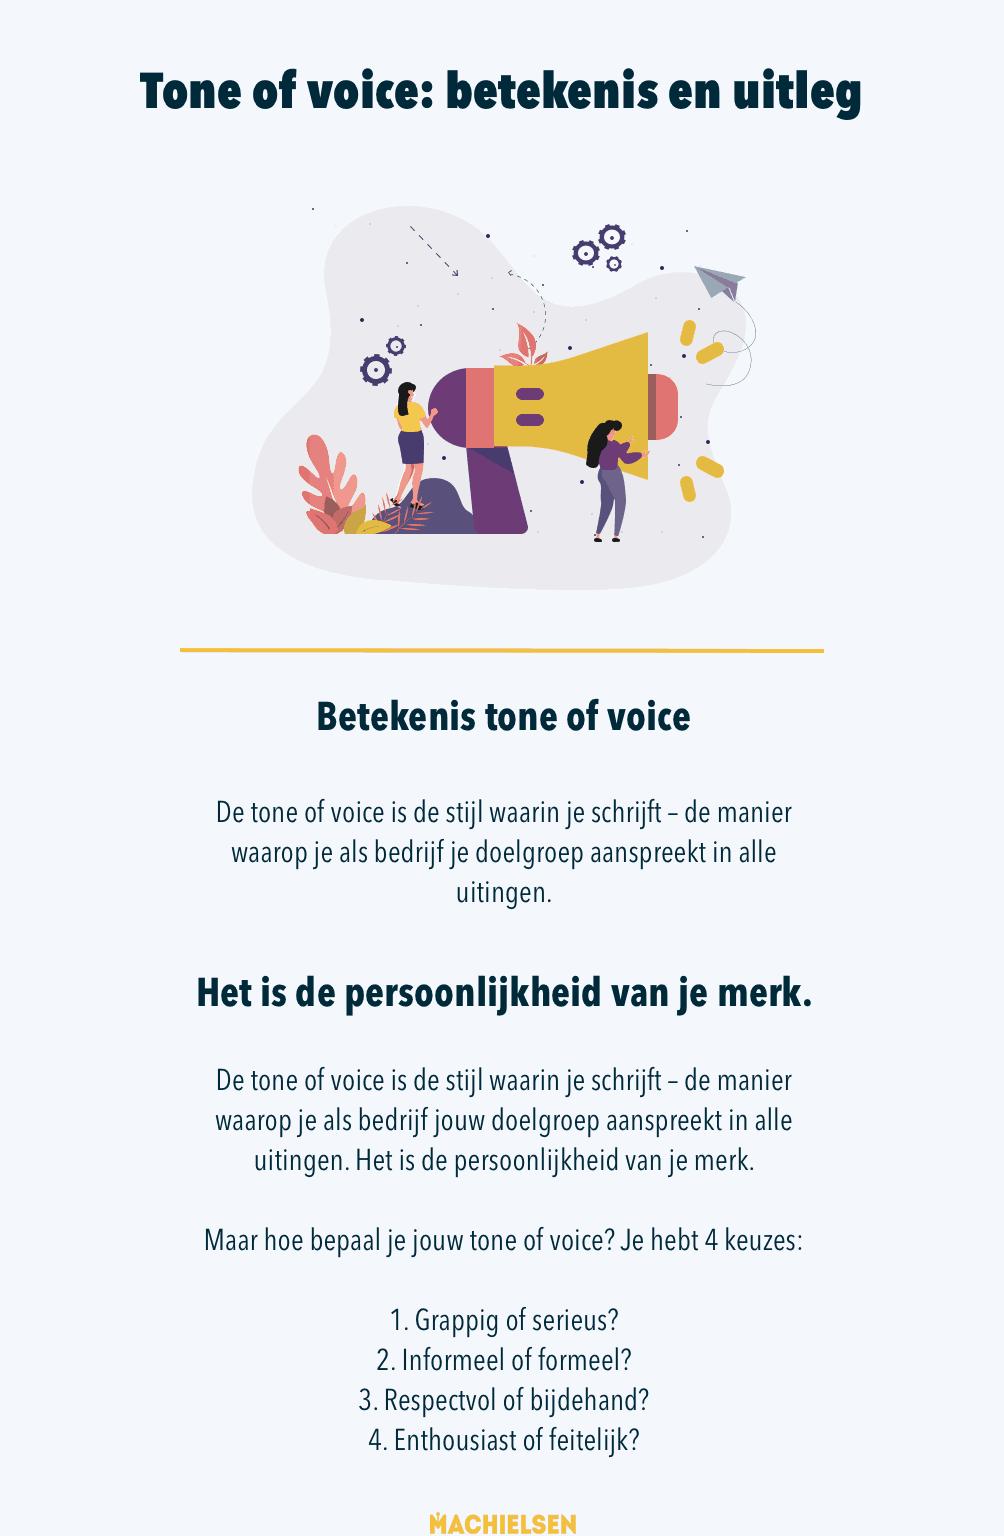 Een tone of voice is de persoonlijkheid van je merk